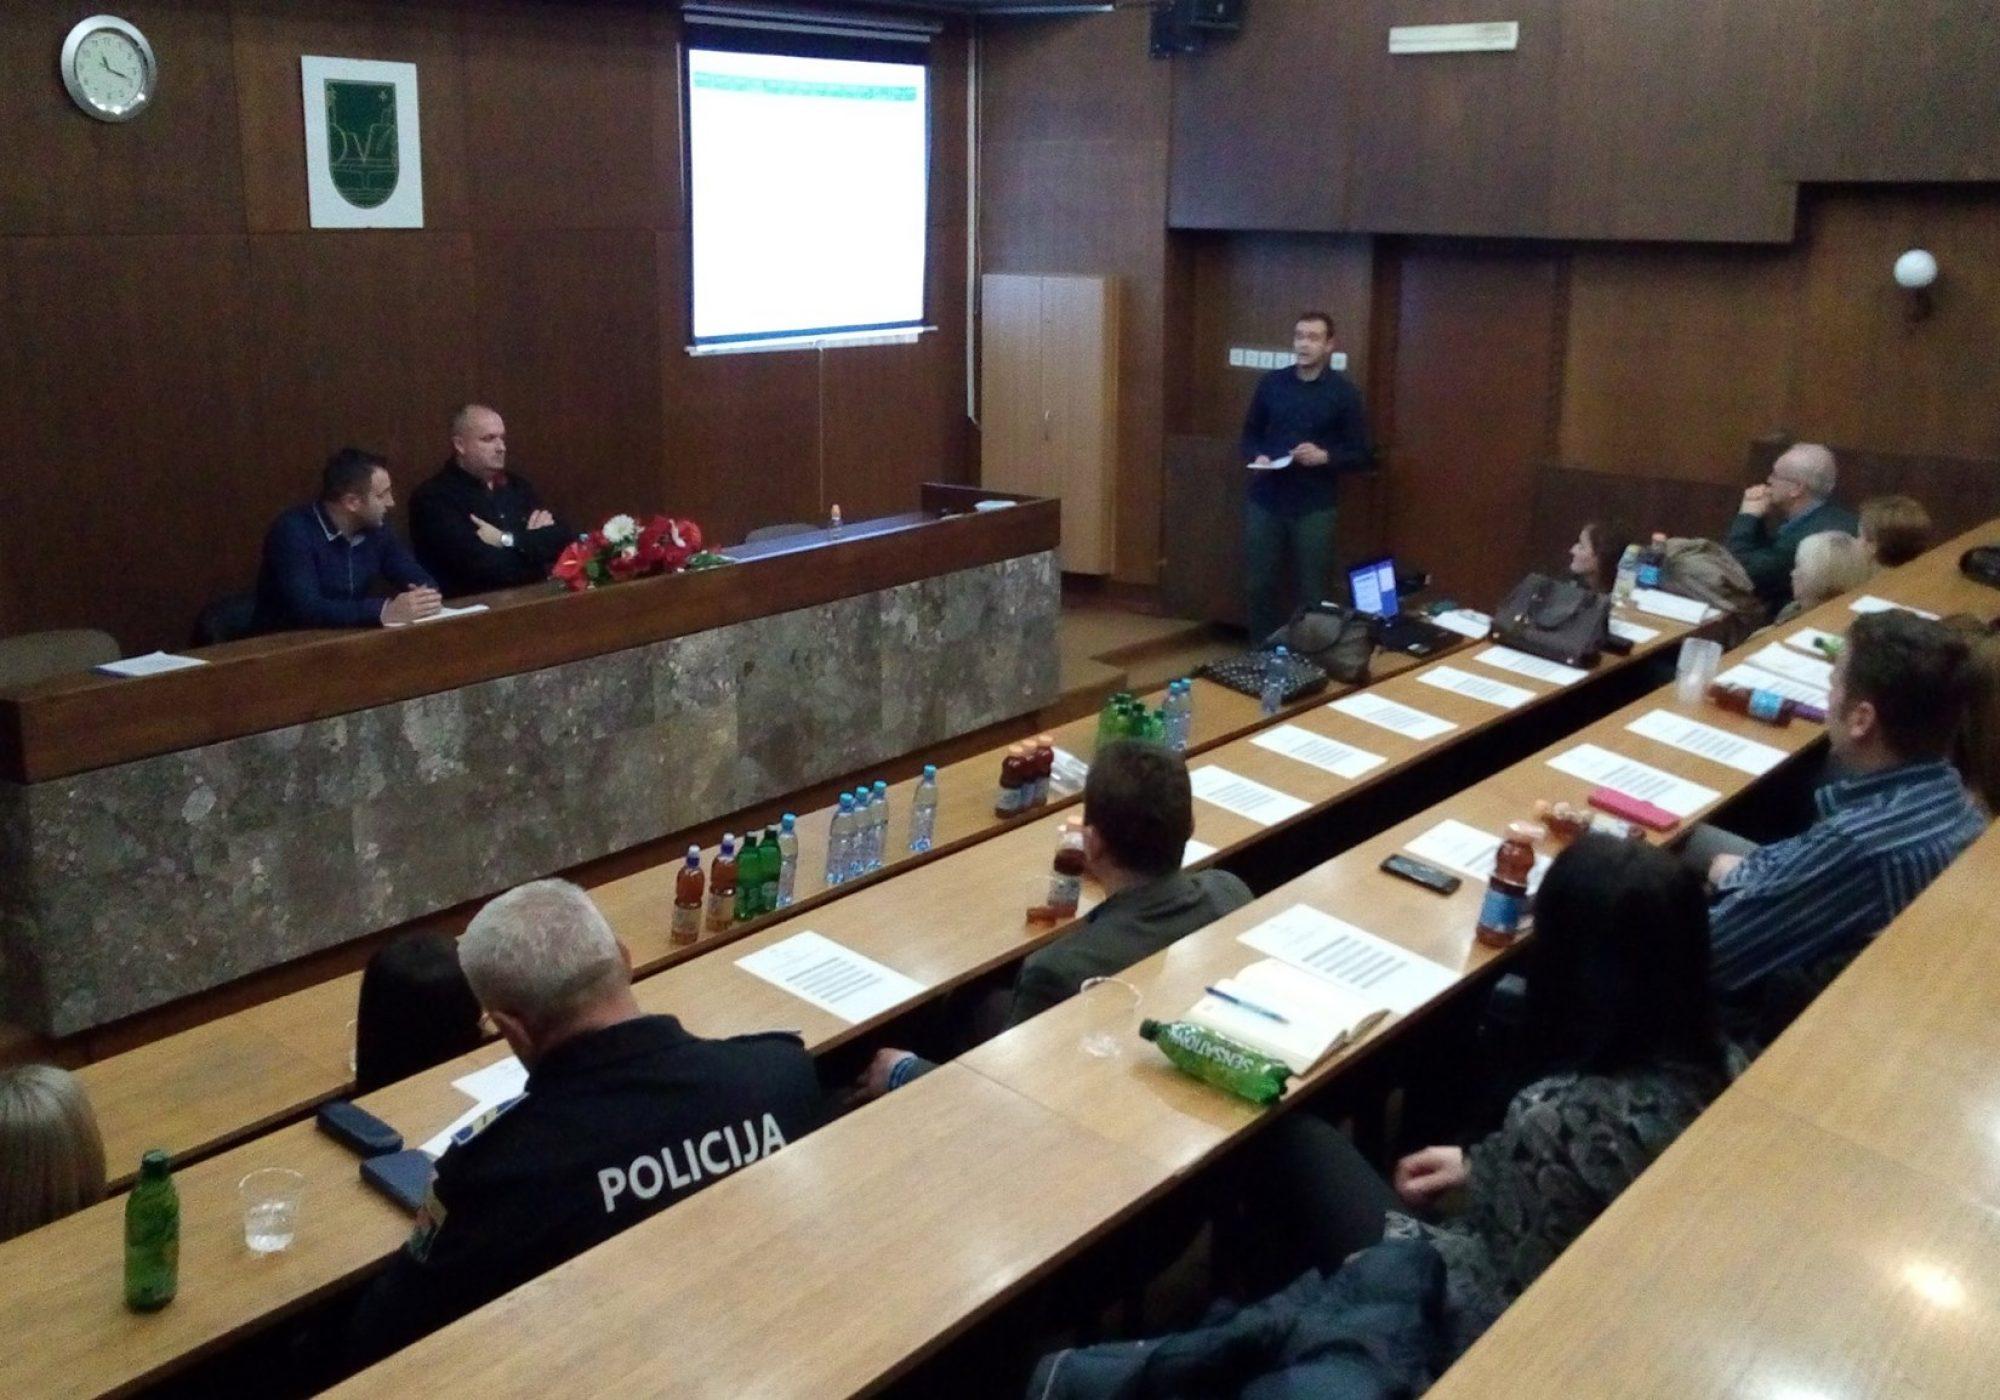 Održana promocija priručnika za profesionalce o postupanju u slučajevima nasilja nad djecom i prosjačenja djece u SBK/KSB